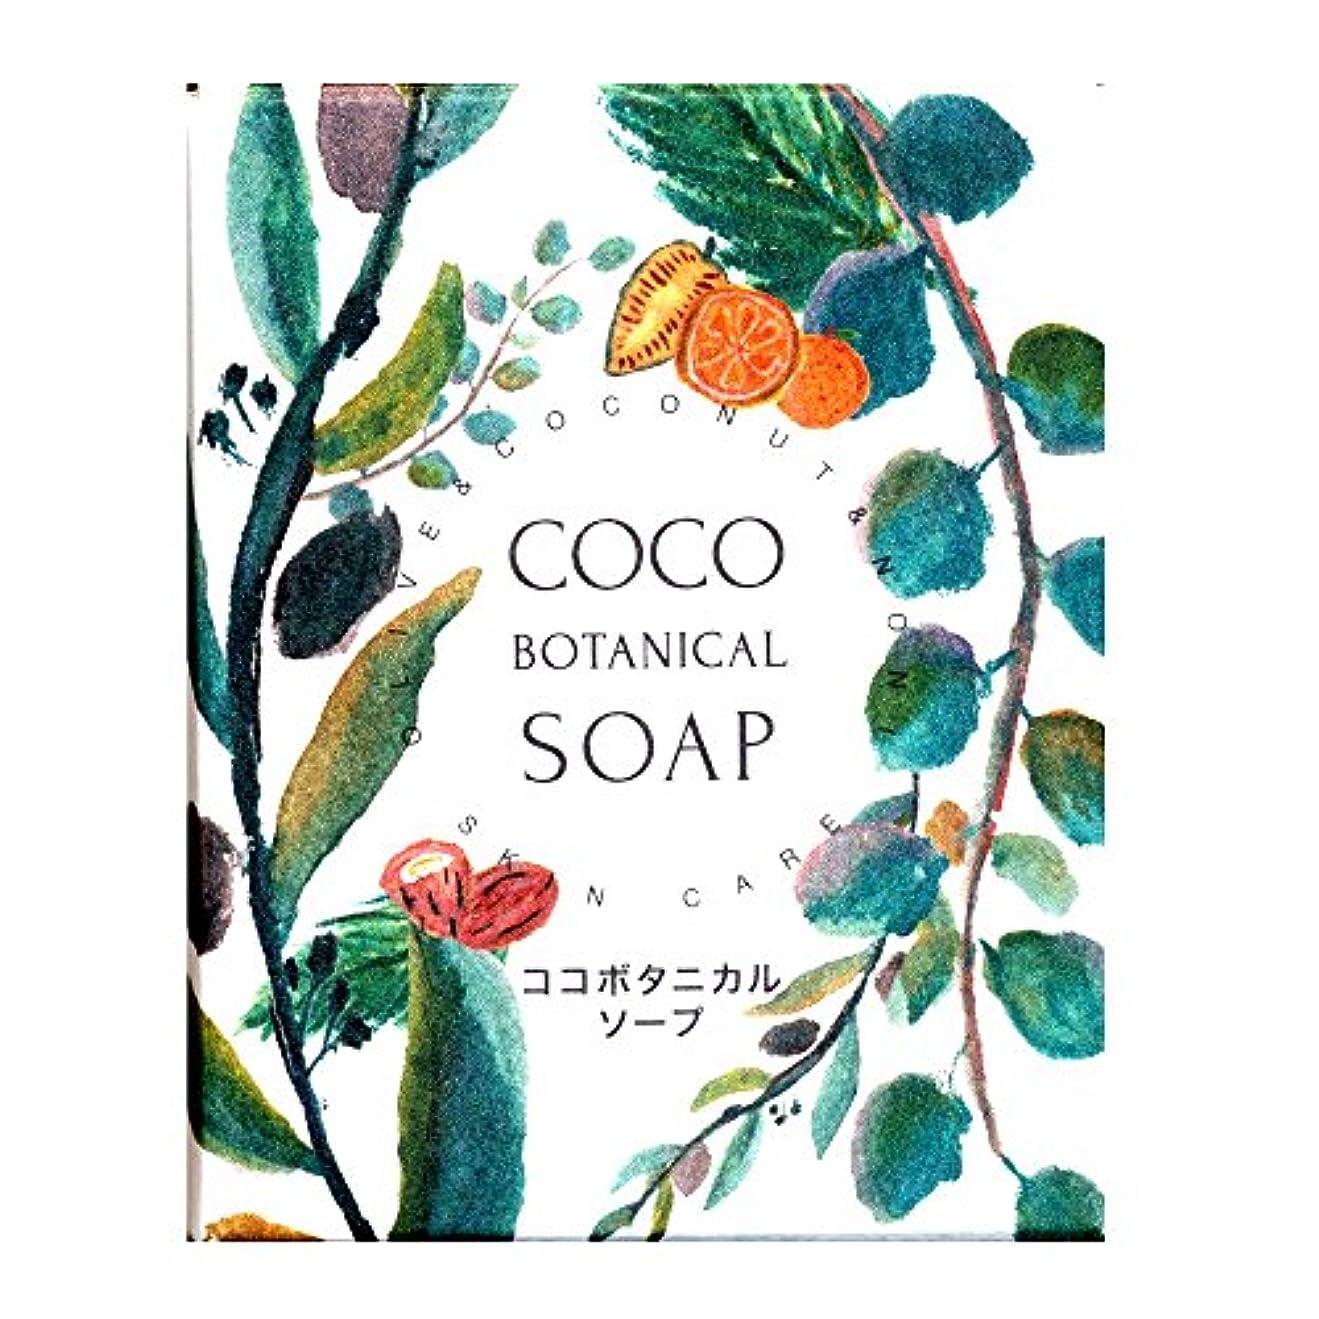 休み主人忌み嫌うココ ボタニカルソープ 95g (洗顔石鹸)